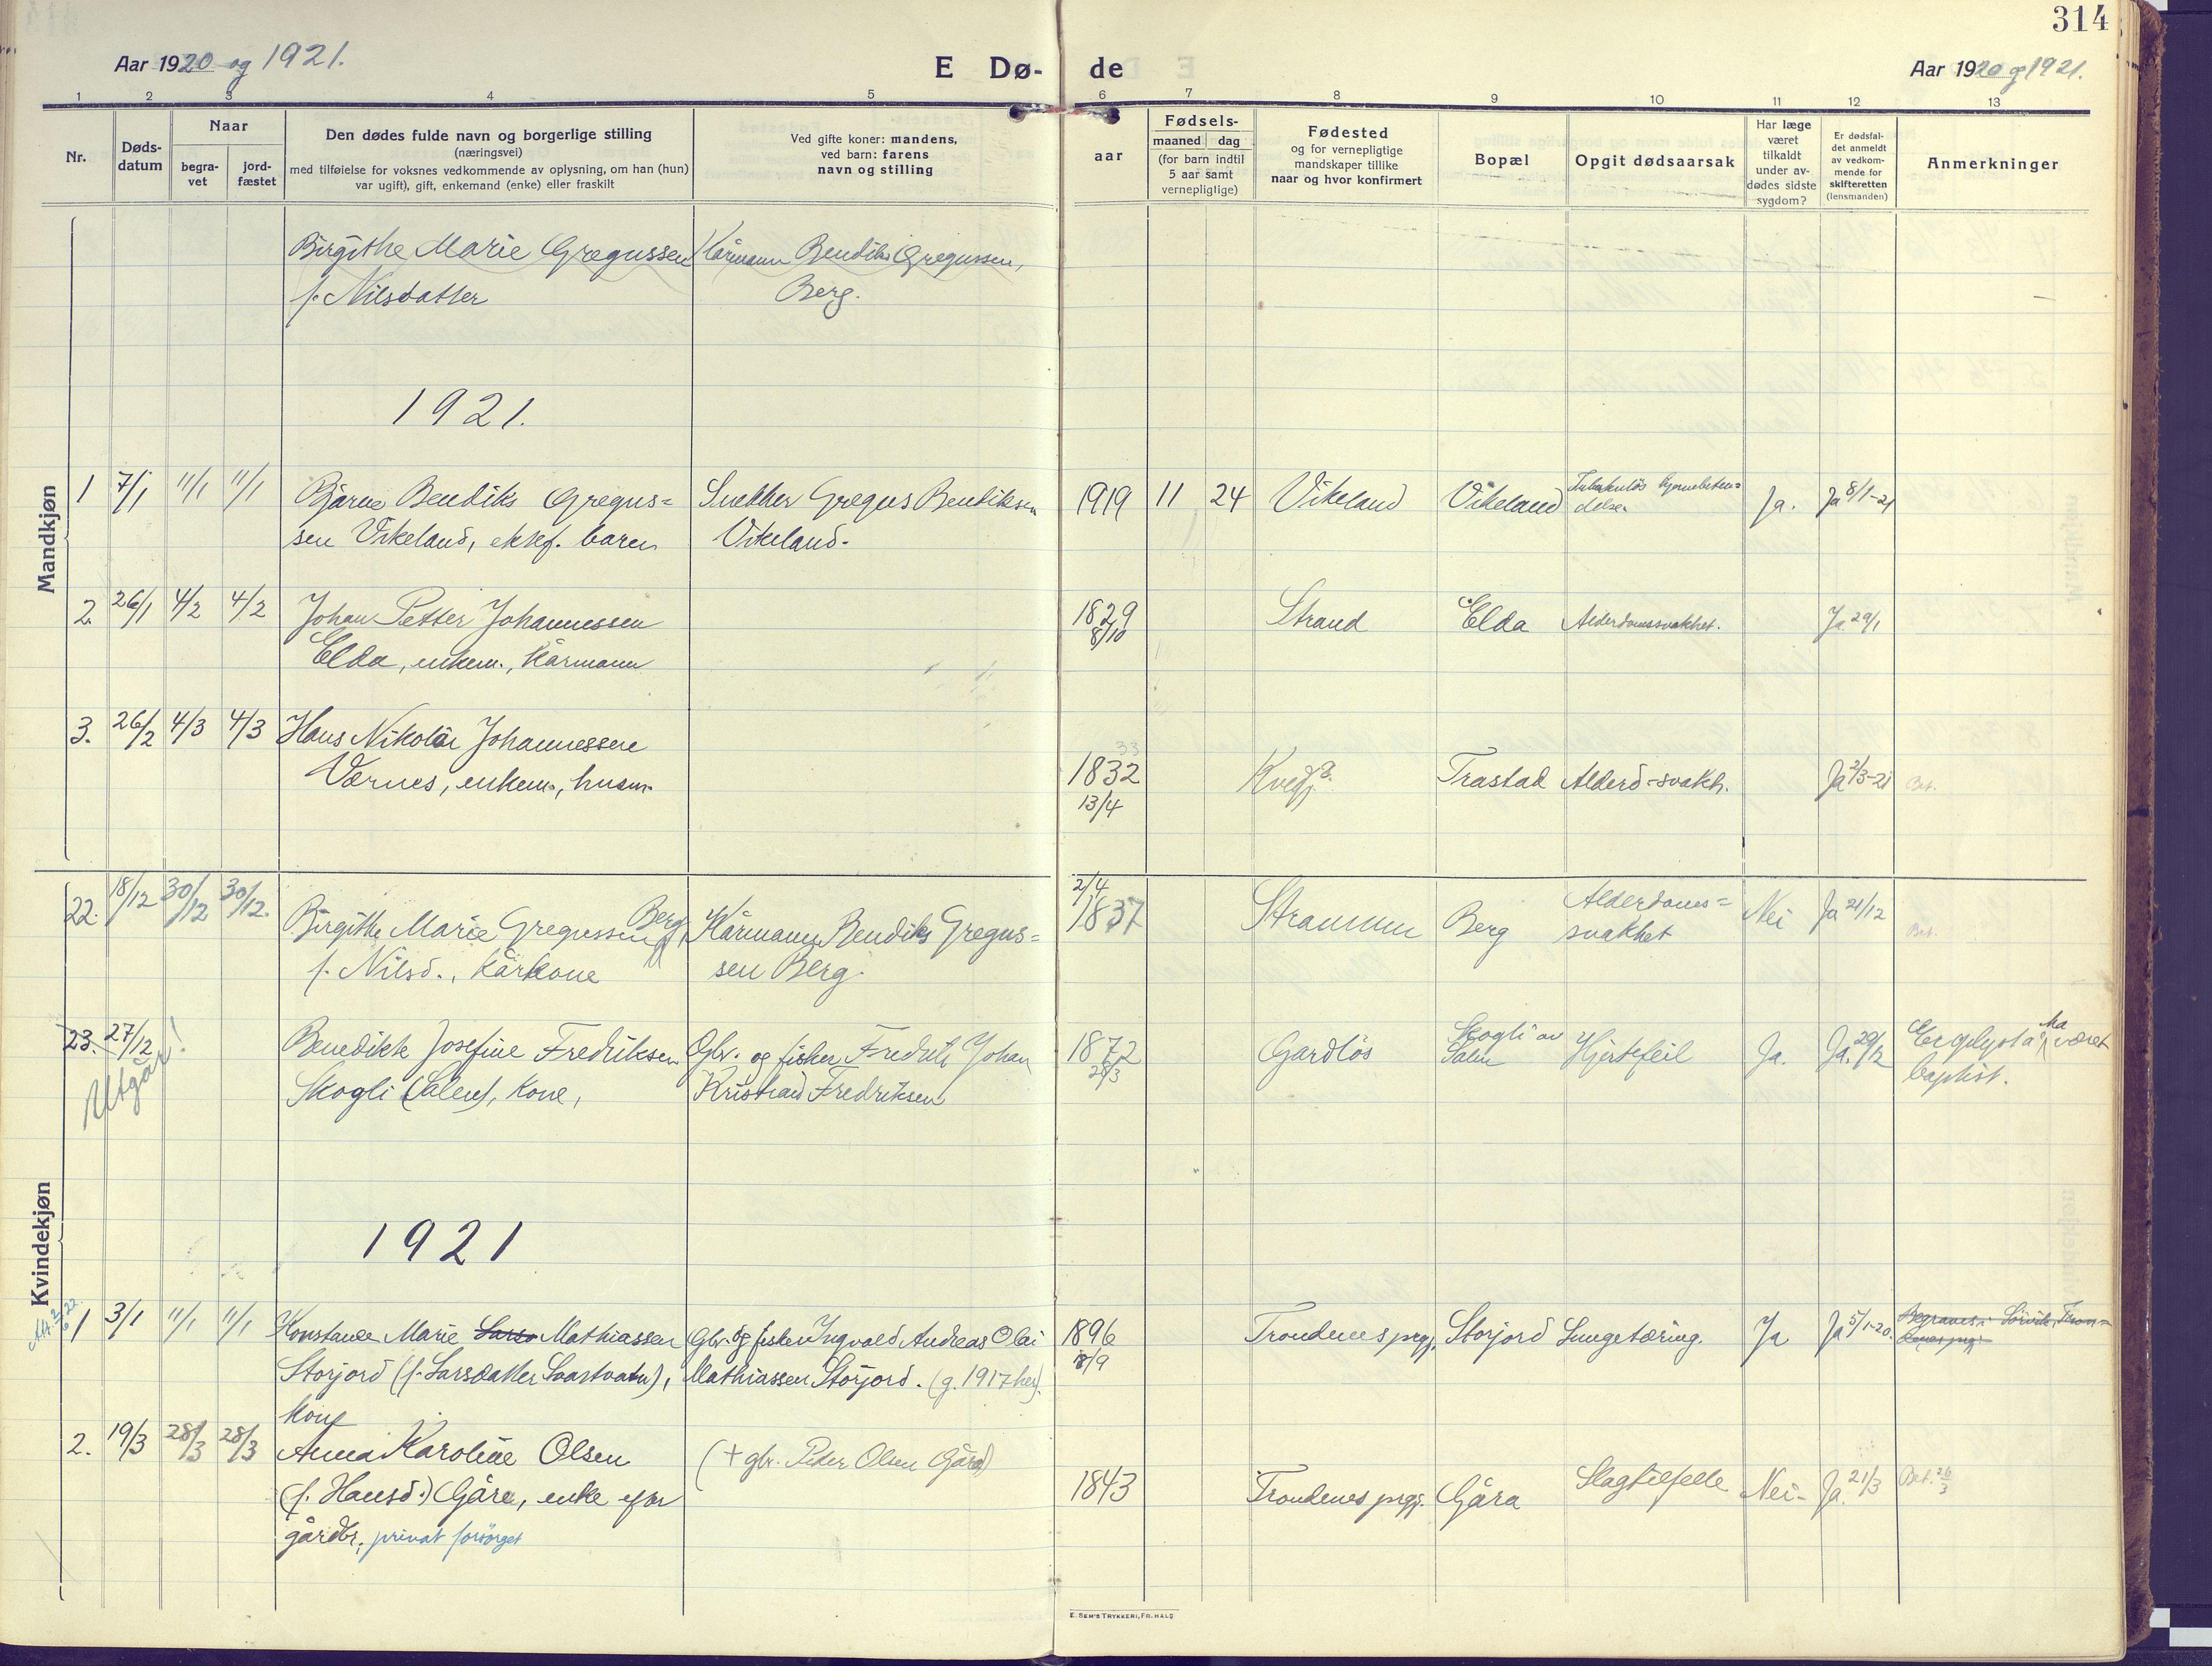 SATØ, Kvæfjord sokneprestkontor, G/Ga/Gaa/L0007kirke: Ministerialbok nr. 7, 1915-1931, s. 314